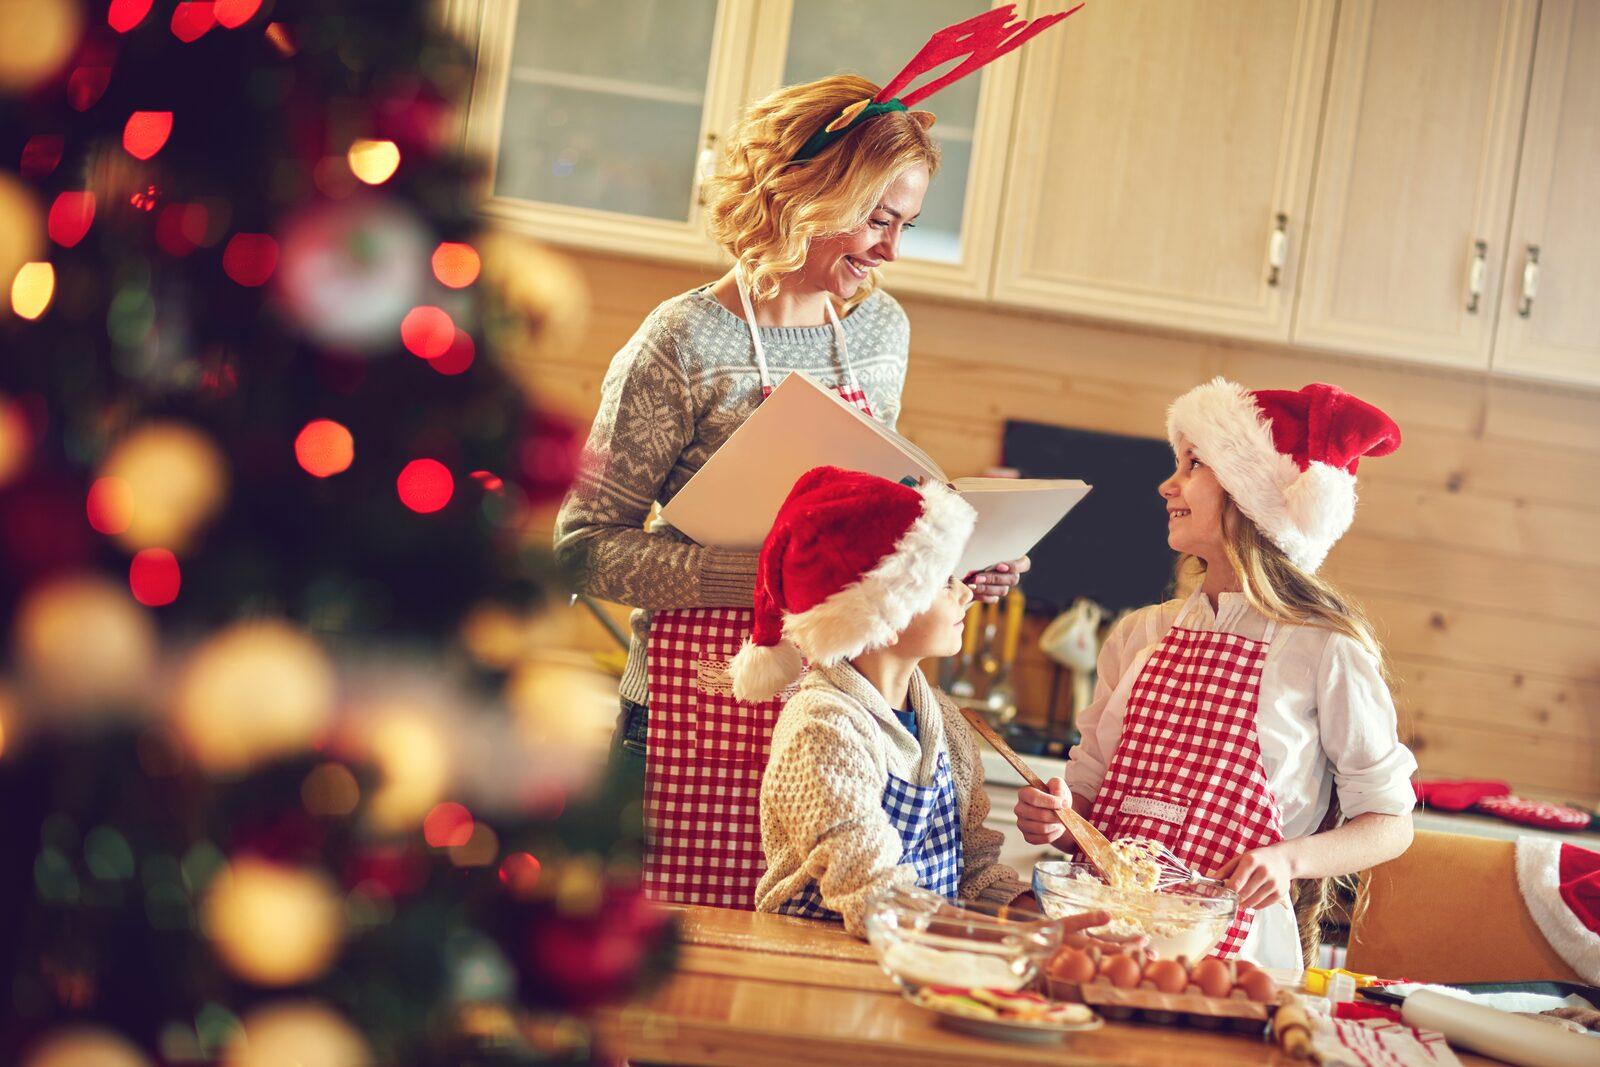 Consultez également notre offre pendant les vacances de Noël